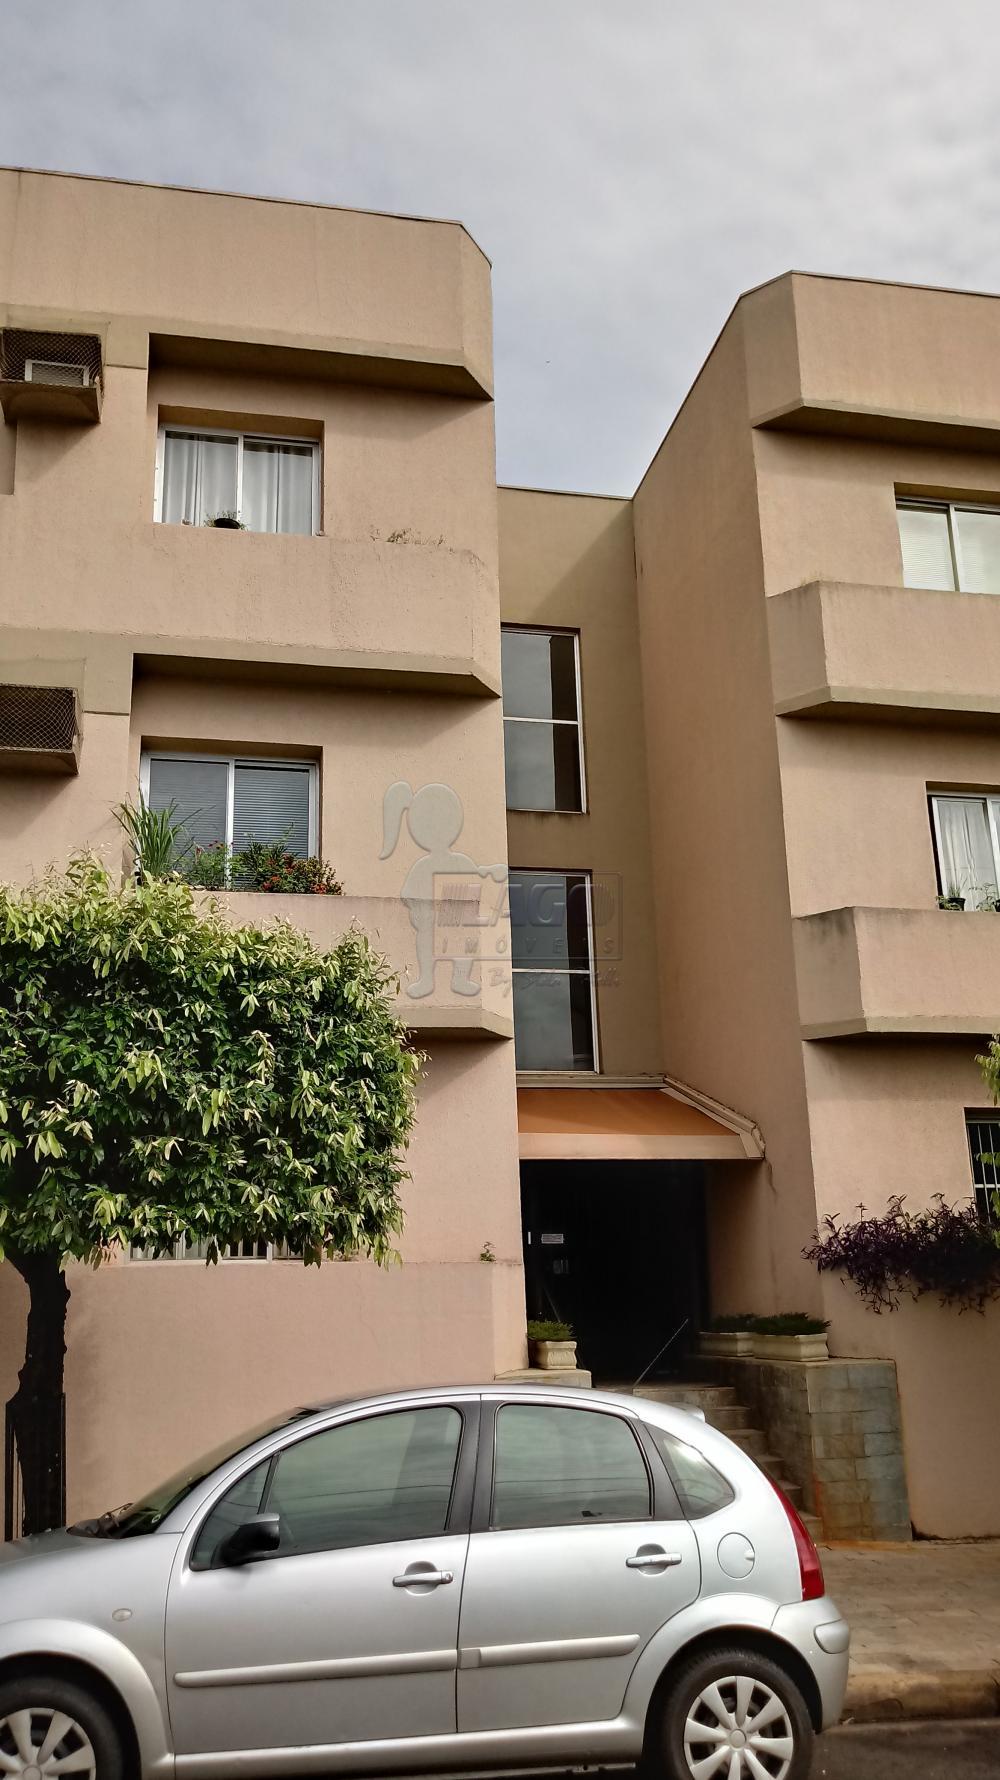 Comprar Apartamento / Padrão em Ribeirão Preto apenas R$ 230.000,00 - Foto 25